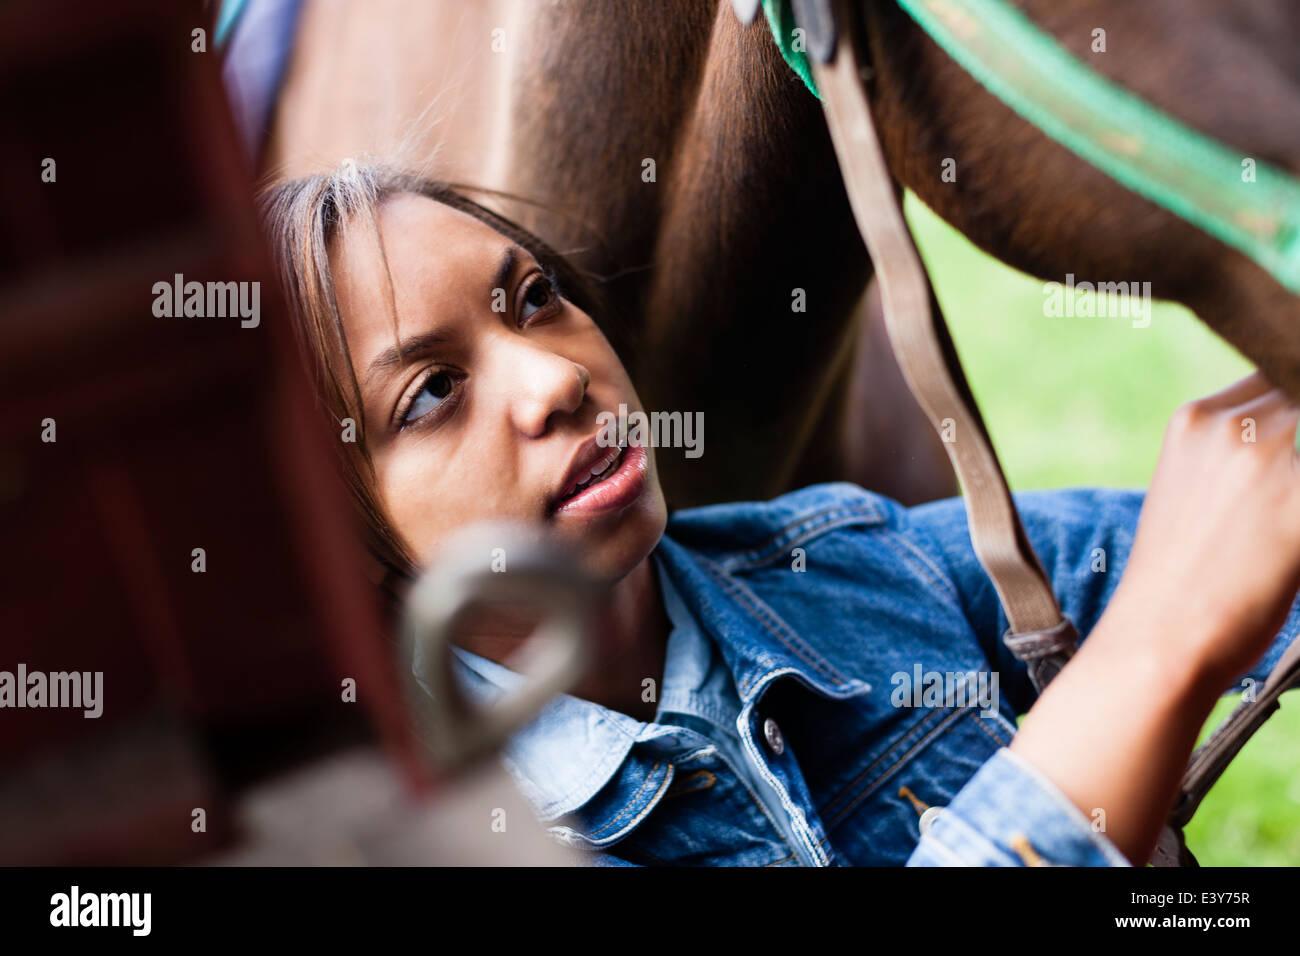 Rider cheval toilettage Photo Stock